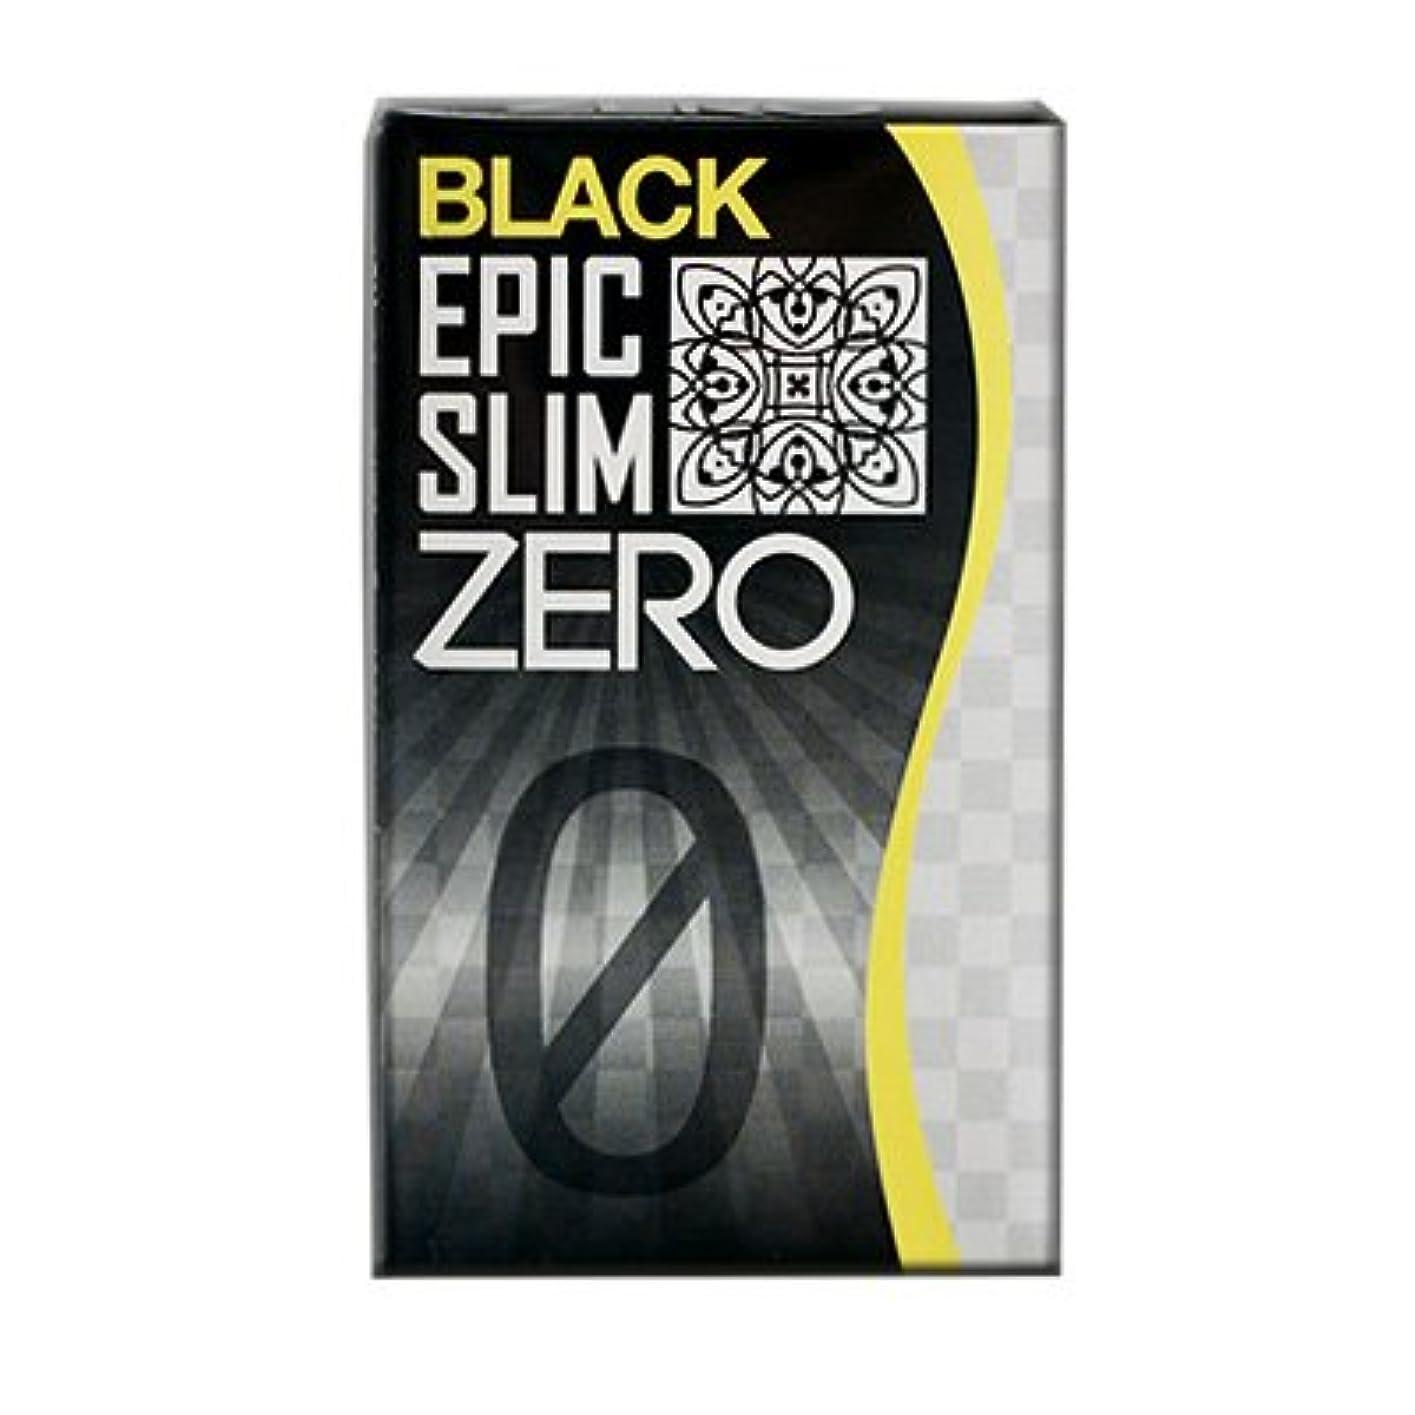 こねるラビリンス町ブラック エピックスリム ゼロ ブラック Epic Slim ZERO BLACK